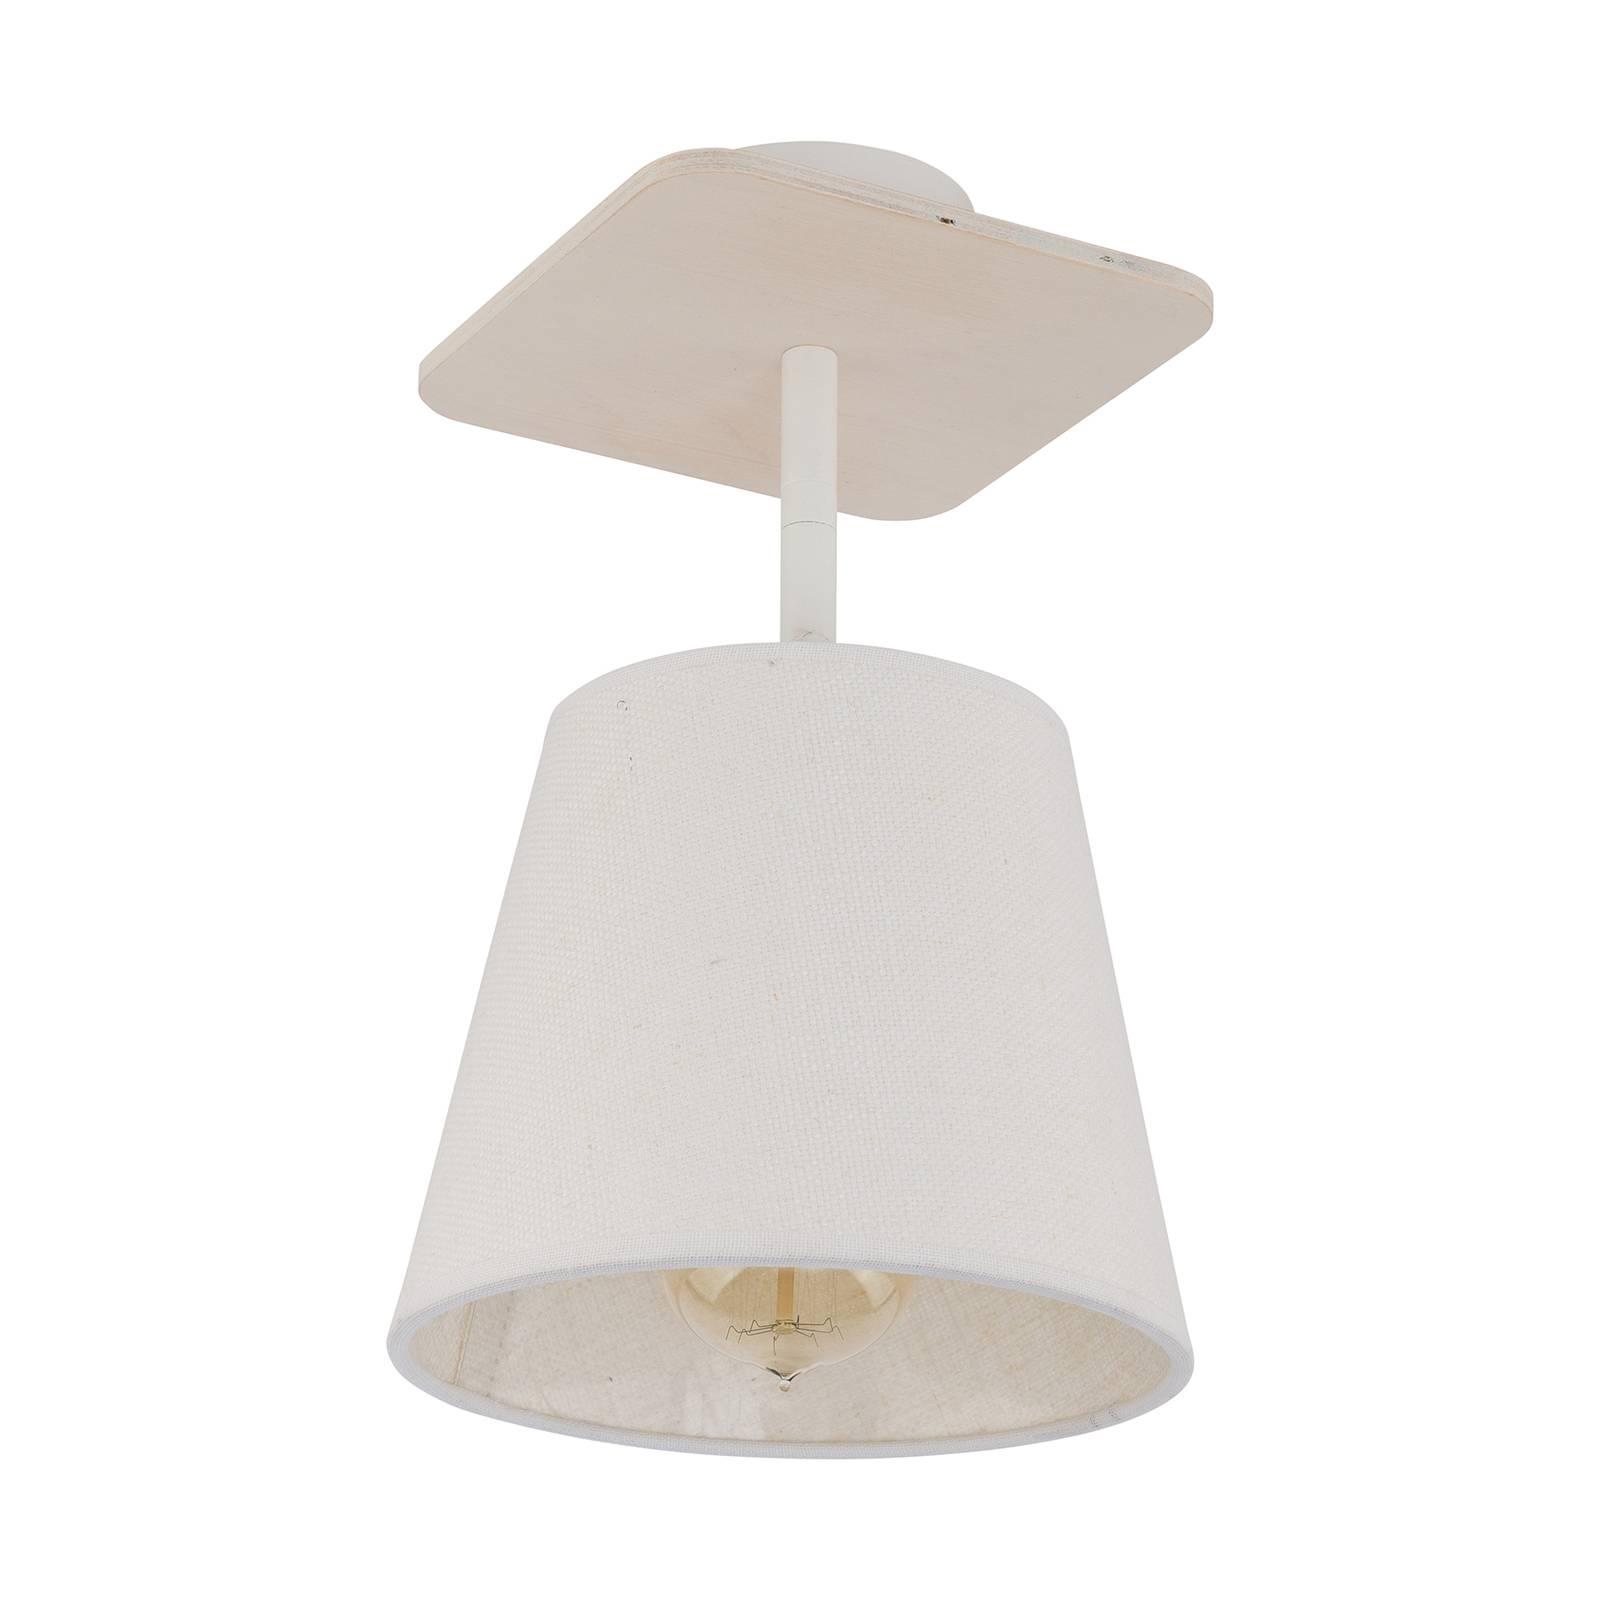 Kattovalaisin Awinion, 1-lamppuinen, valkoinen